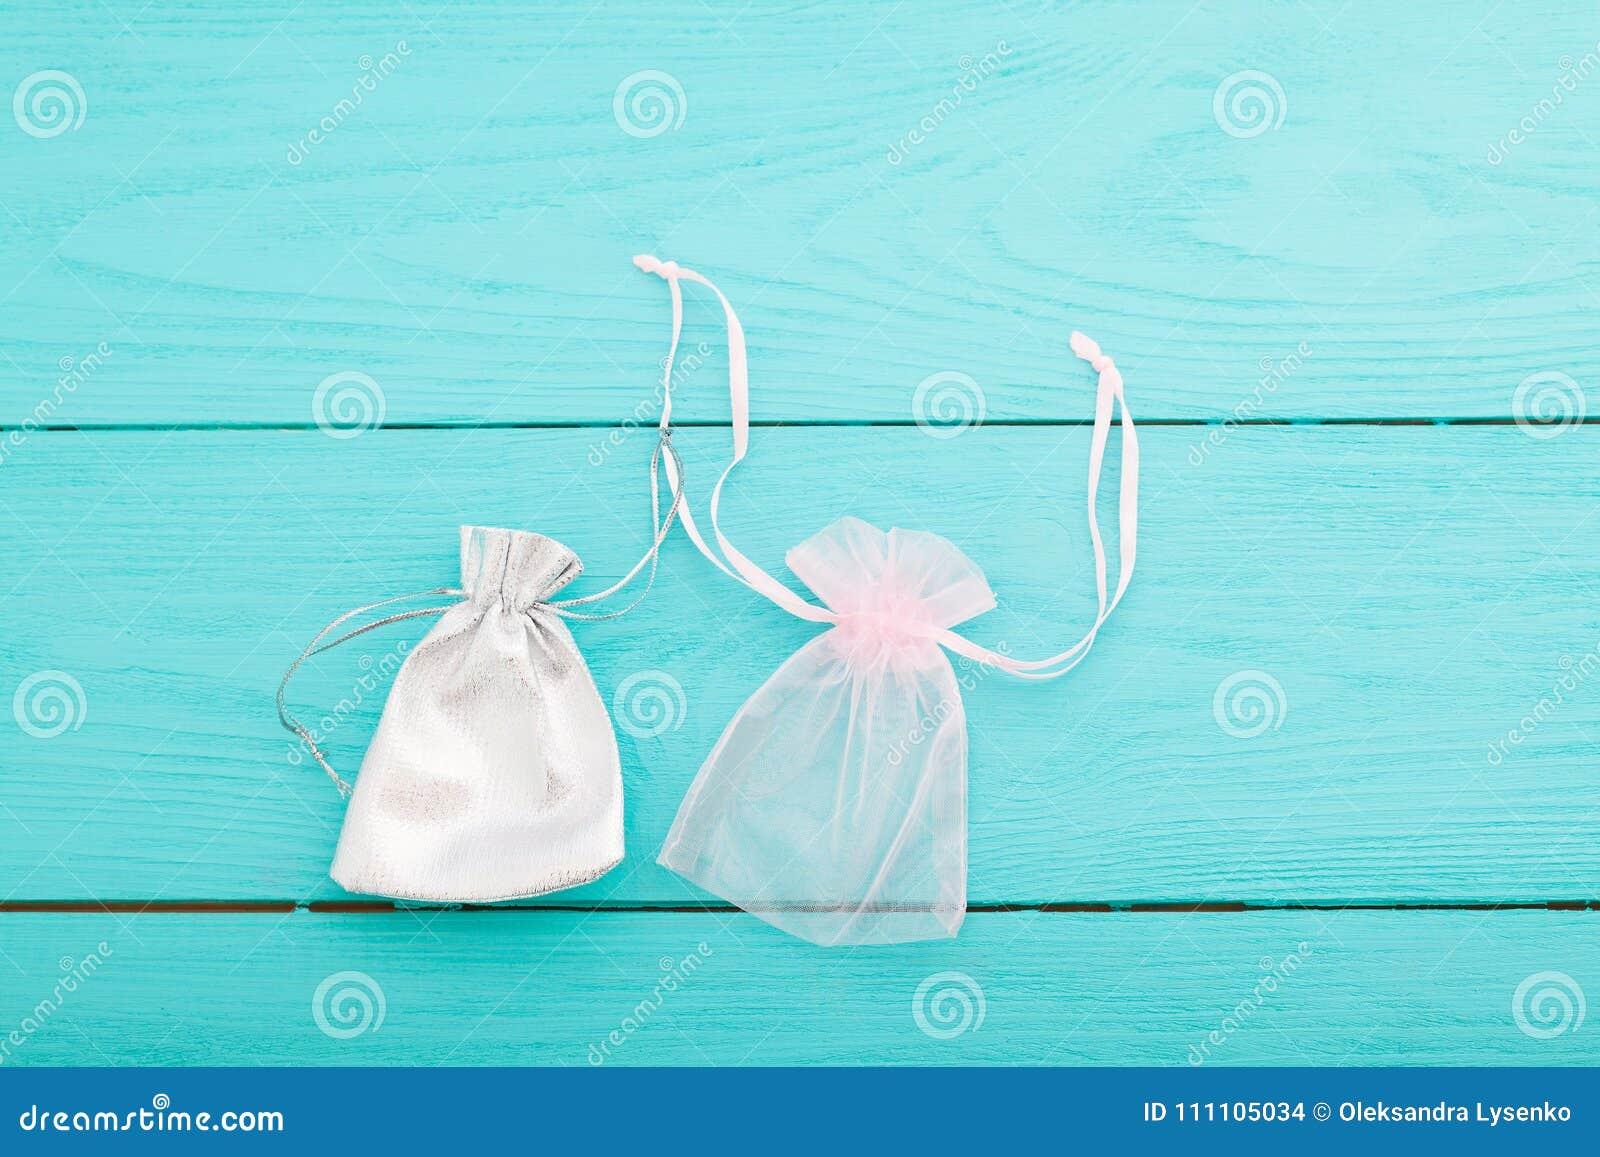 Άσπρη ασημένια drawstring τσάντα στο μπλε ξύλινο υπόβαθρο Μικρή τσάντα βαμβακιού υφάσματος Σακούλα κοσμήματος Τοπ όψη Διάστημα κα